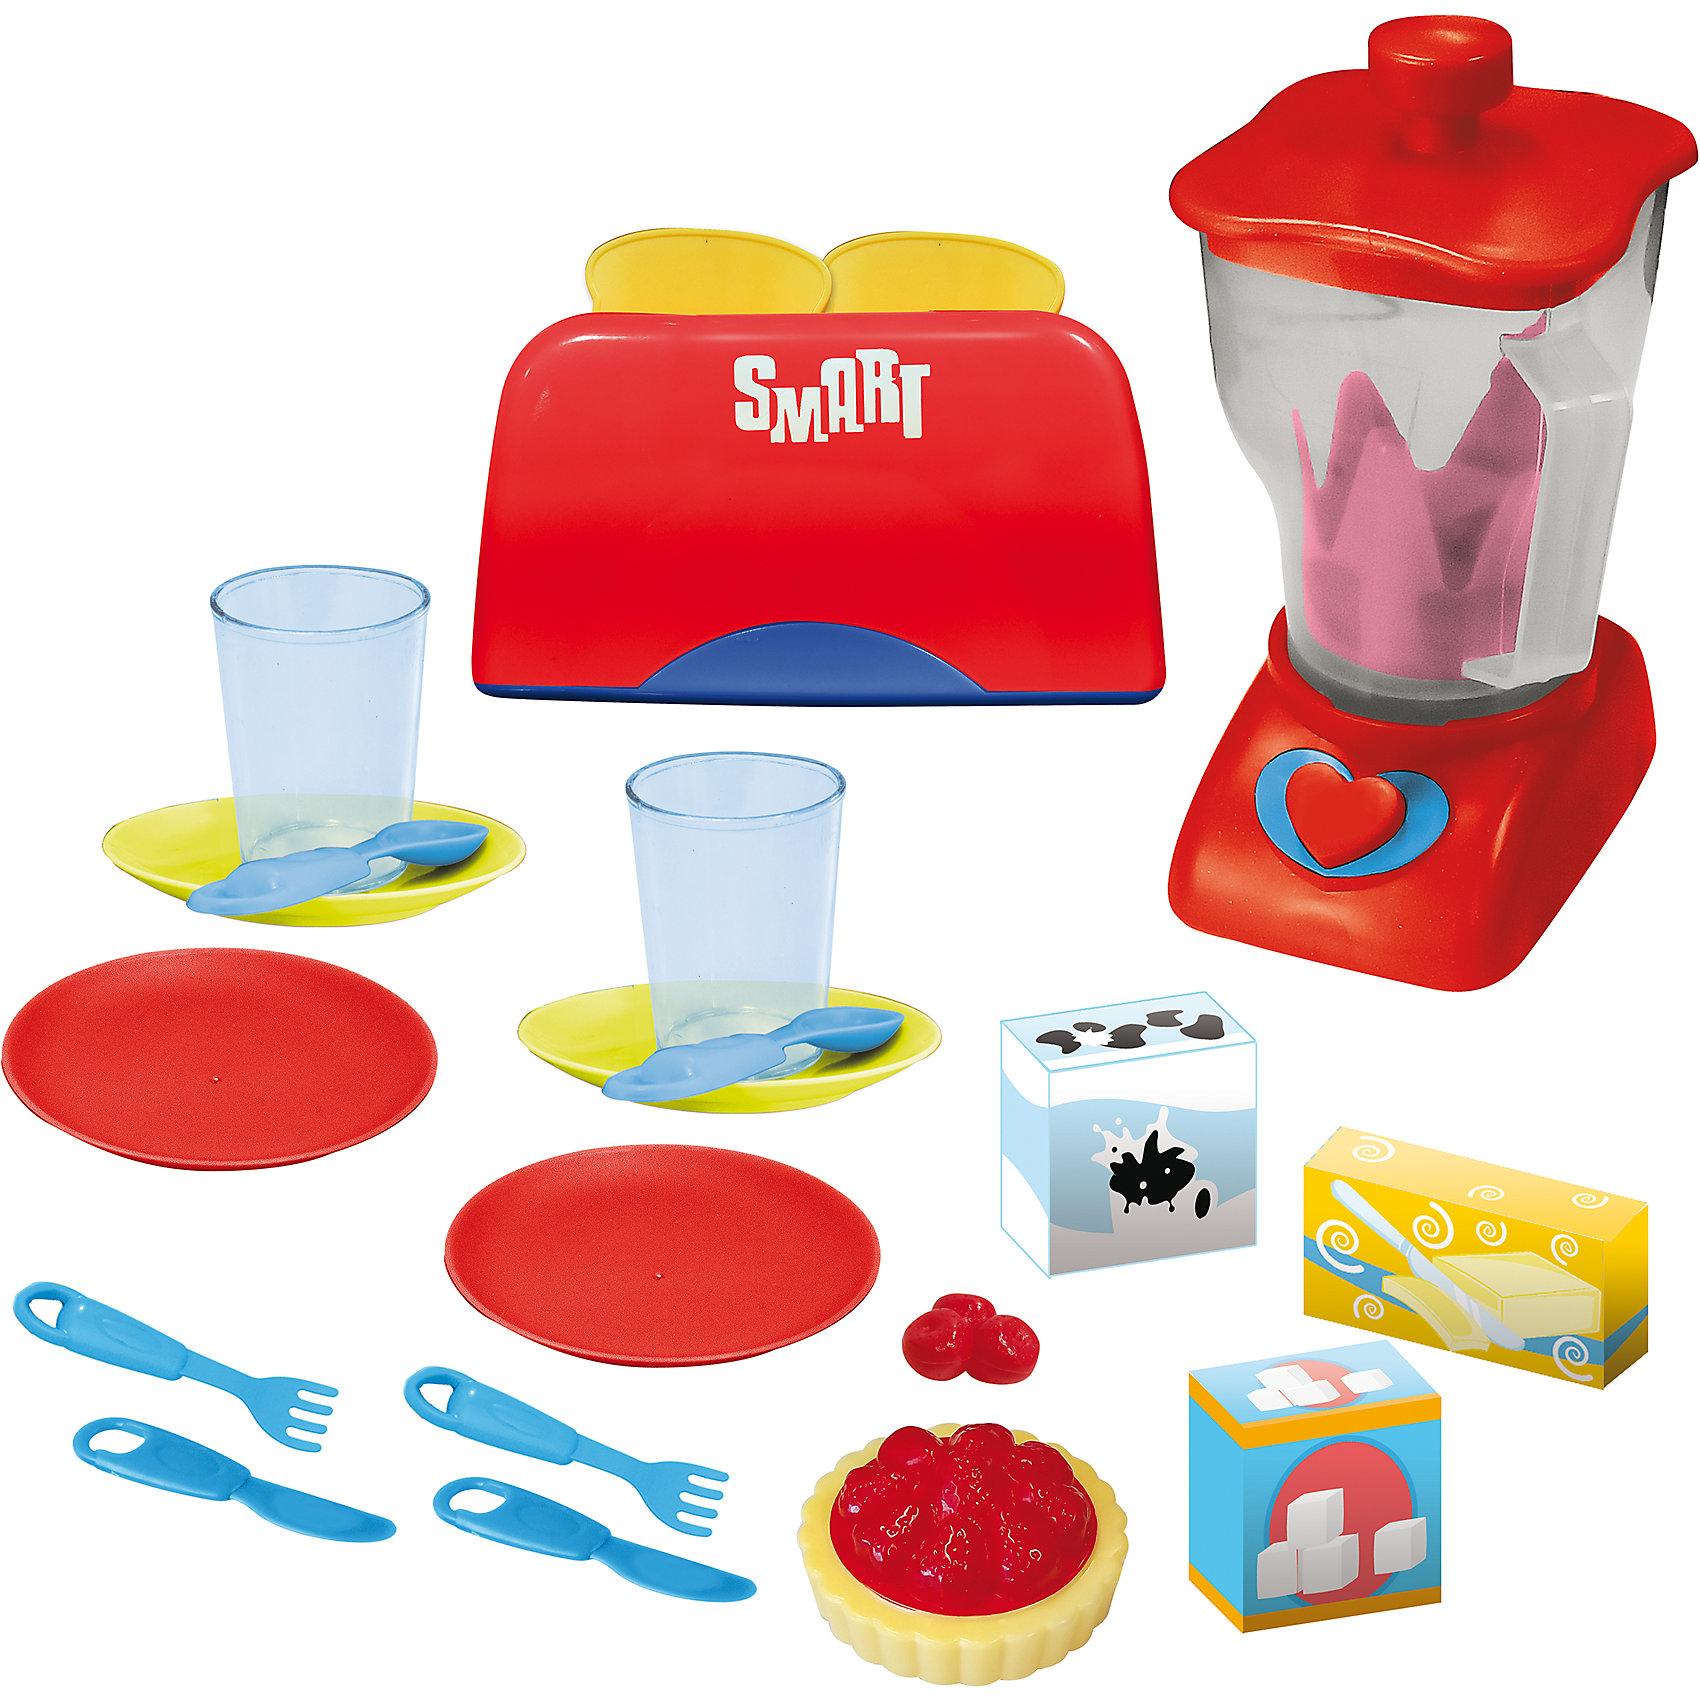 Набор для смузи, HTIИгрушечная бытовая техника<br>Характеристики товара:<br><br>• в комплекте:: блендер, тостер, тарелки, ложки, вилки, ножи, муляжи печенья;<br>• световые и звуковые эффекты;<br>• материал: пластик, металл;<br>• батарейки: АА - 2 шт. (не входят в комплект);<br>• возраст: от 3-х лет;<br>• размер упаковки: 38х10х38 см;<br>• вес: 1 кг;<br>• страна бренда: Англия.<br><br>Набор для смузи от английского бренда HTI состоит из блендера со съемной крышкой, тостера, муляжей печенья, посуды и столовых приборов на две персоны.<br><br>Тостер оснащен световыми и звуковыми эффектами, которую сделают игру более реалистичной. При нажатии на кнопку тосты извлекаются из отделения. Таким образом, ребенок научится обращаться с бытовыми приборами, чтобы в дальнейшем помогать родителям и даже готовить самостоятельно.<br><br>Для работы необходимы две батарейки АА (не входят в комплект).<br><br>Набор для смузи, HTI (Хти) можно купить в нашем интернет-магазине.<br><br>Ширина мм: 380<br>Глубина мм: 100<br>Высота мм: 380<br>Вес г: 1000<br>Возраст от месяцев: 36<br>Возраст до месяцев: 144<br>Пол: Унисекс<br>Возраст: Детский<br>SKU: 6893355